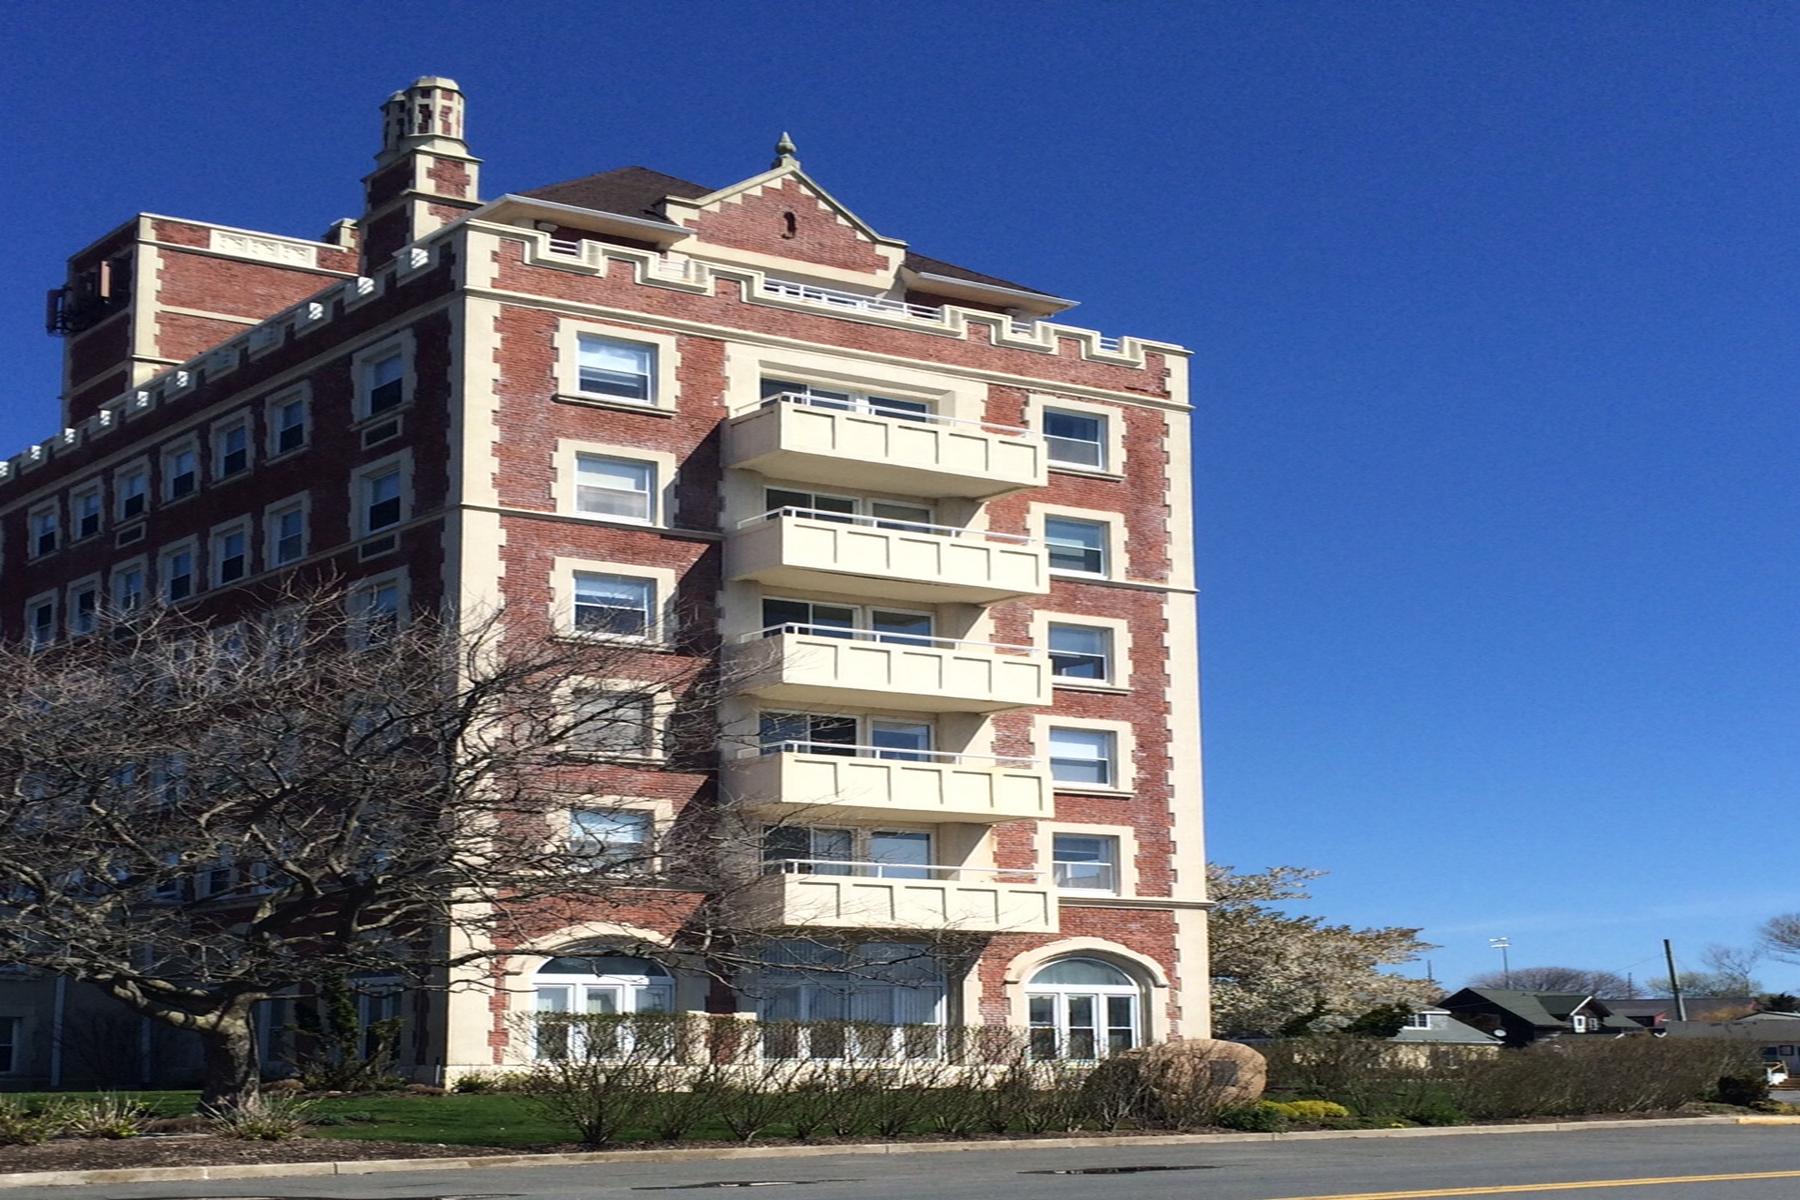 共管式独立产权公寓 为 销售 在 Condo 55 S Euclid Ave 4 蒙托克, 纽约州, 11954 美国